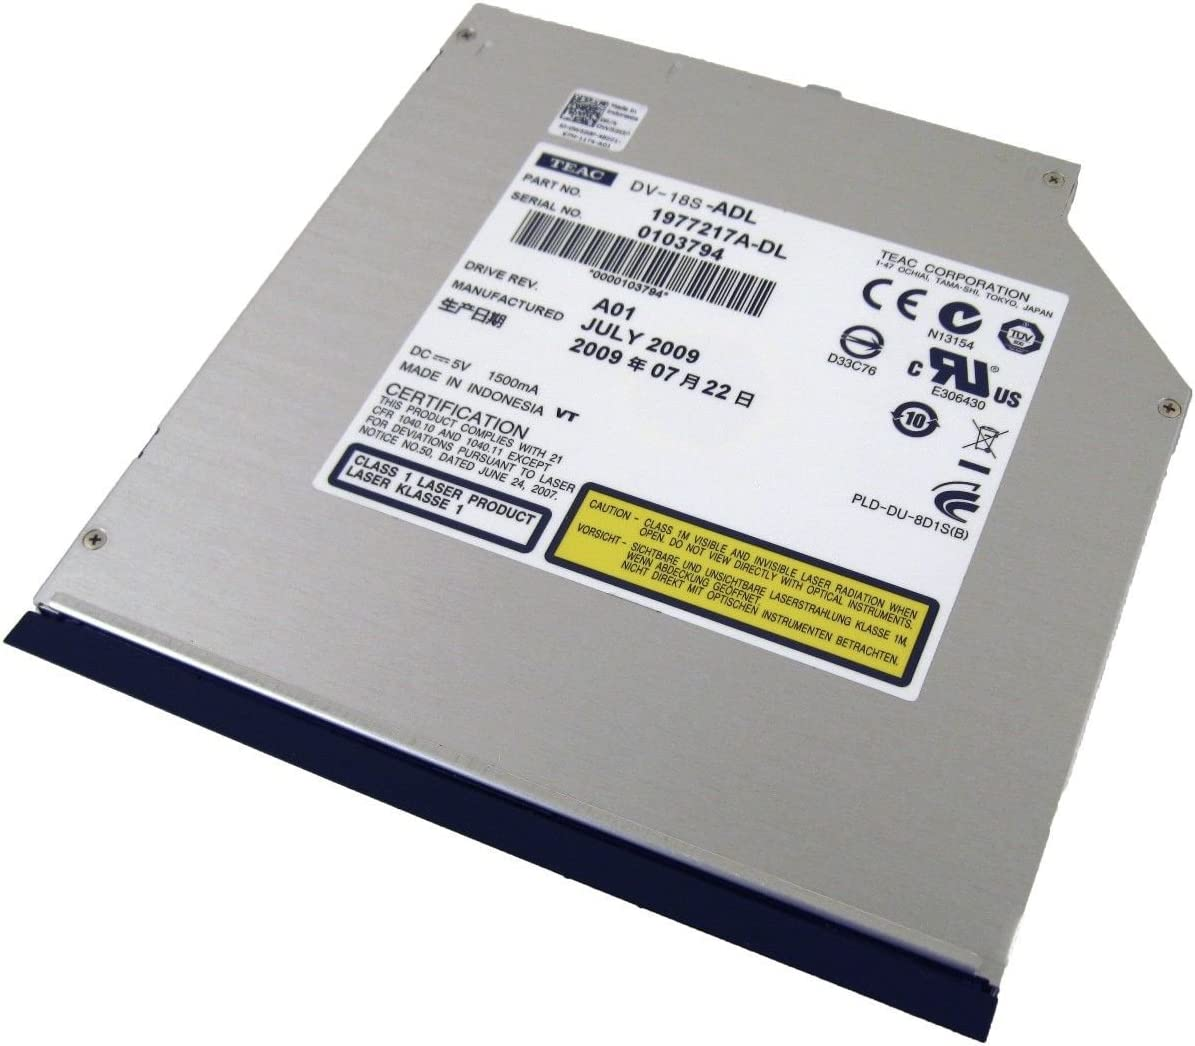 Dell DVD-ROM Drive DV-18S-ADL W520P Latitude E4300 E4310